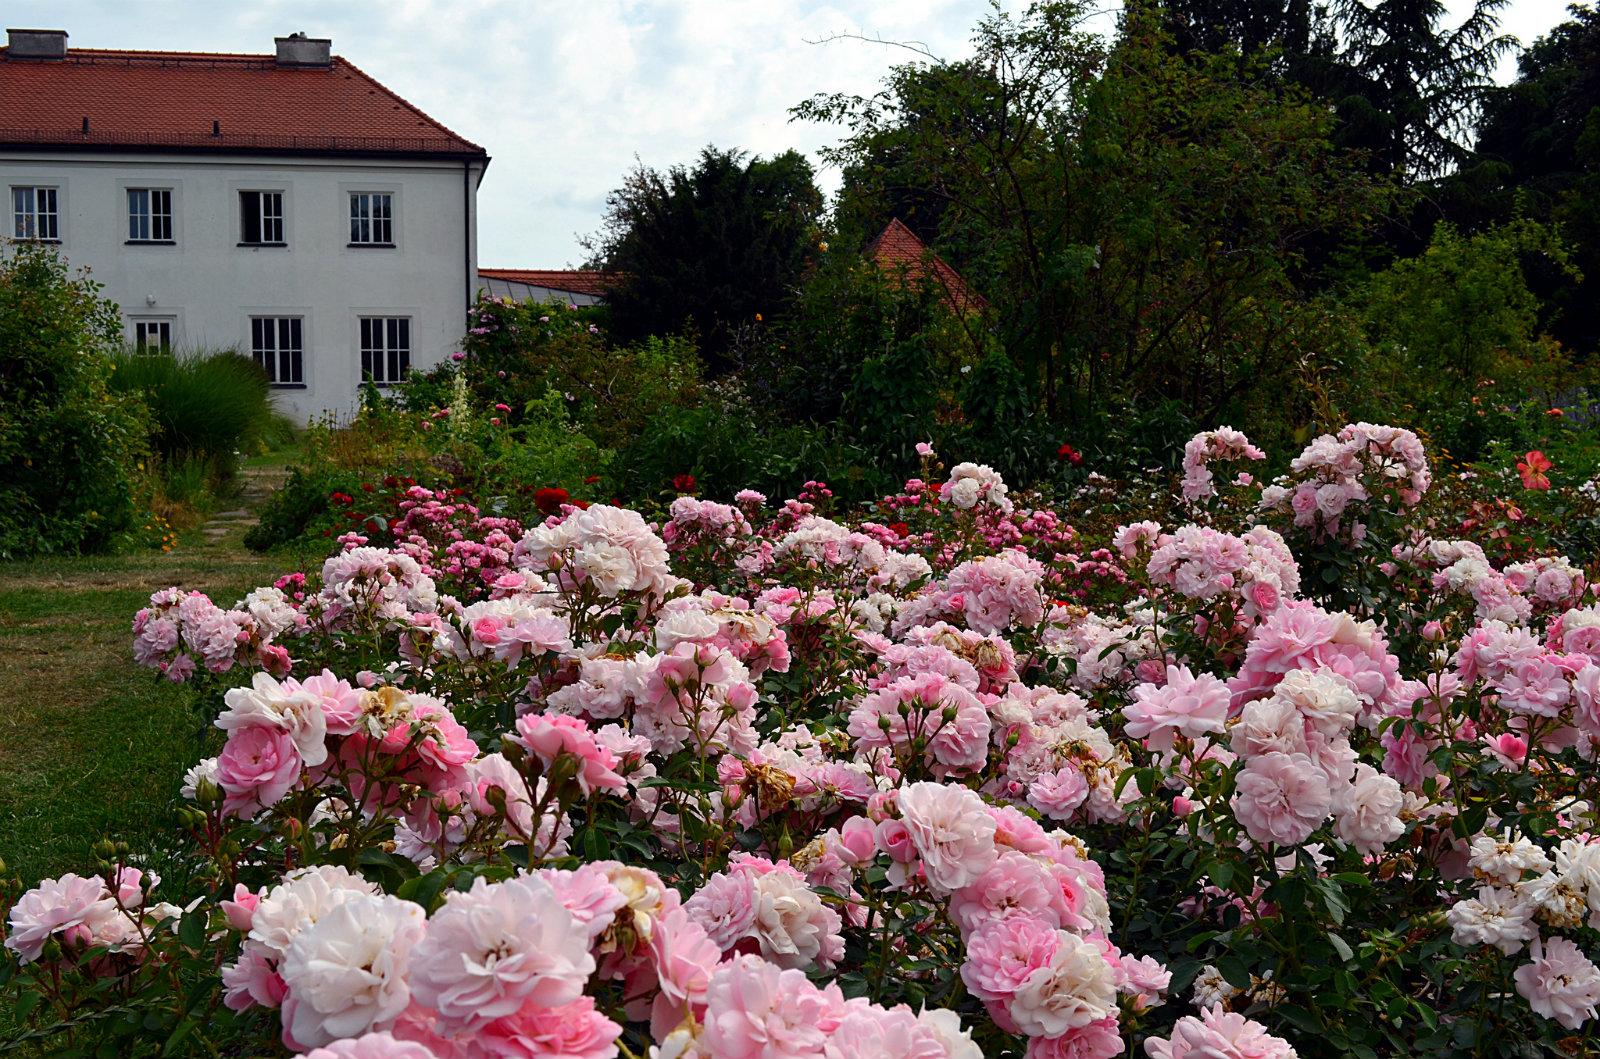 Rosengarten Munich